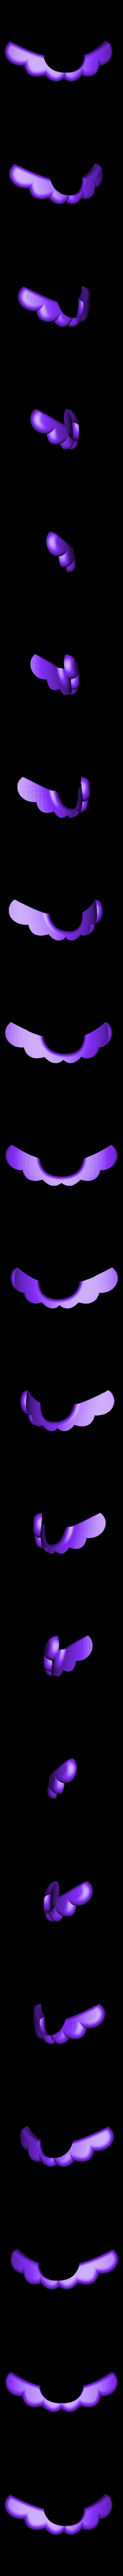 Mario-6.STL Télécharger fichier STL gratuit Super Mario complete set • Objet pour impression 3D, 86Duino